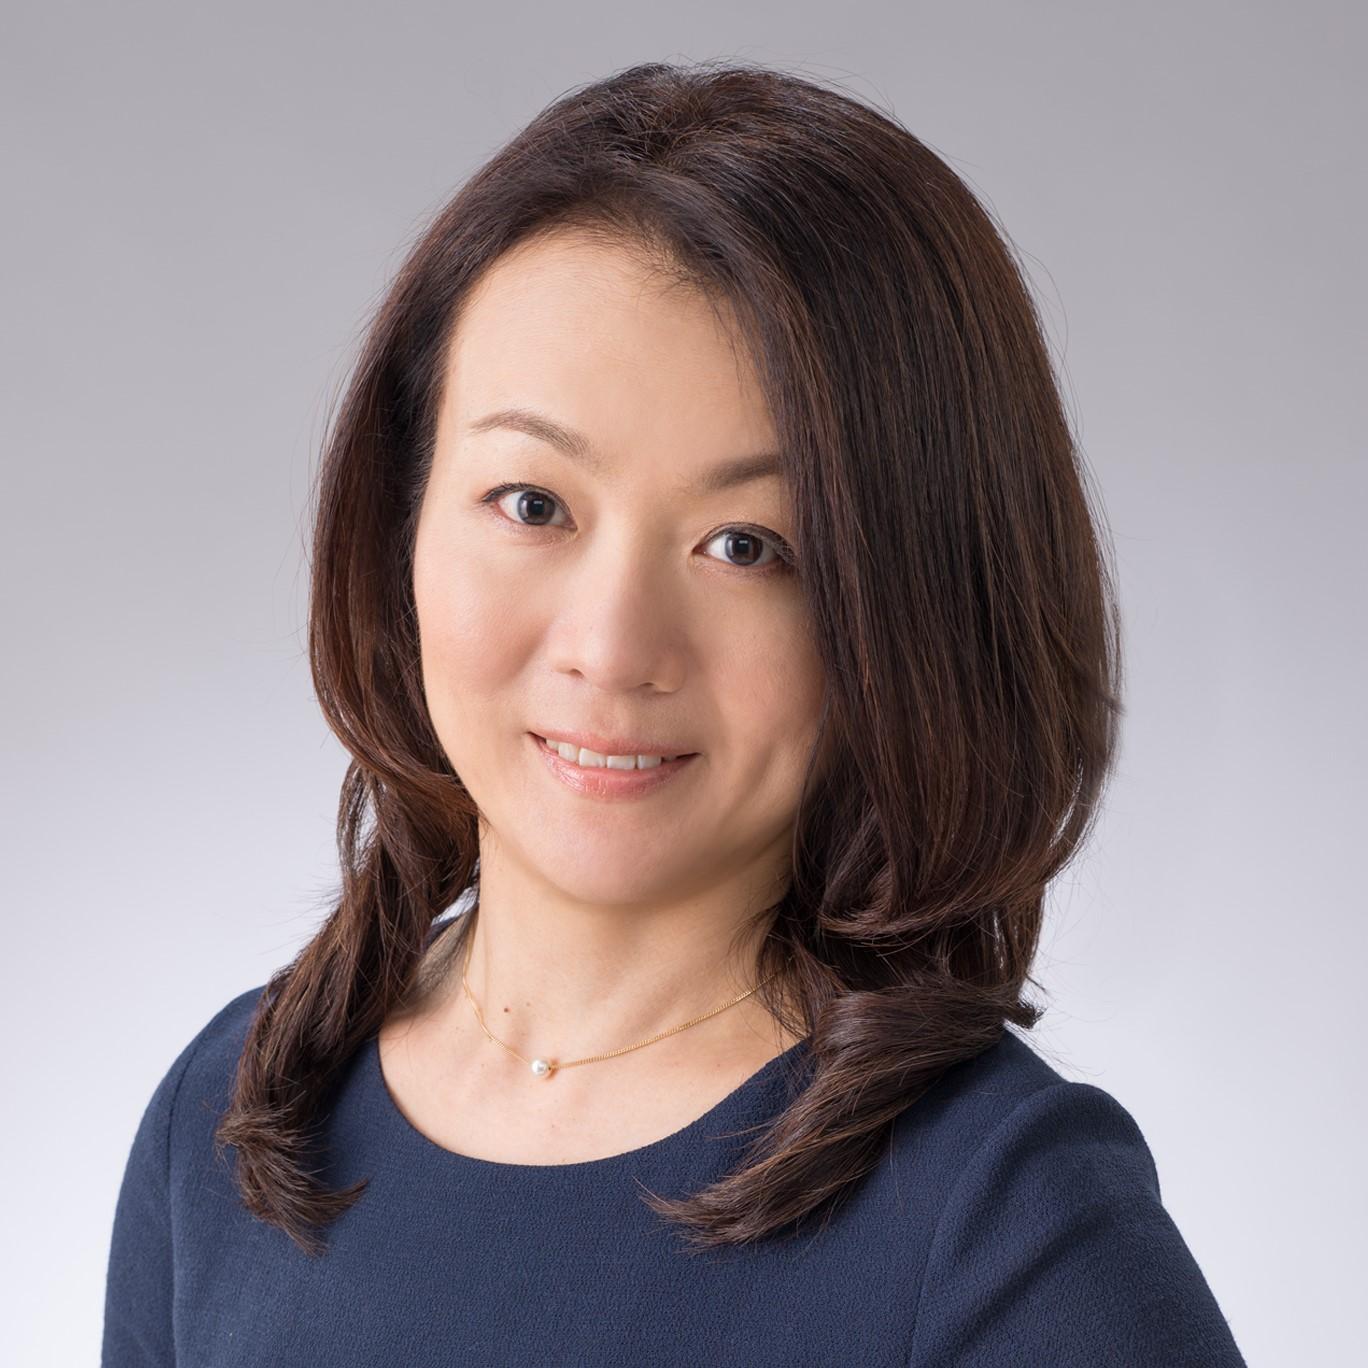 Tomoko Kusuda